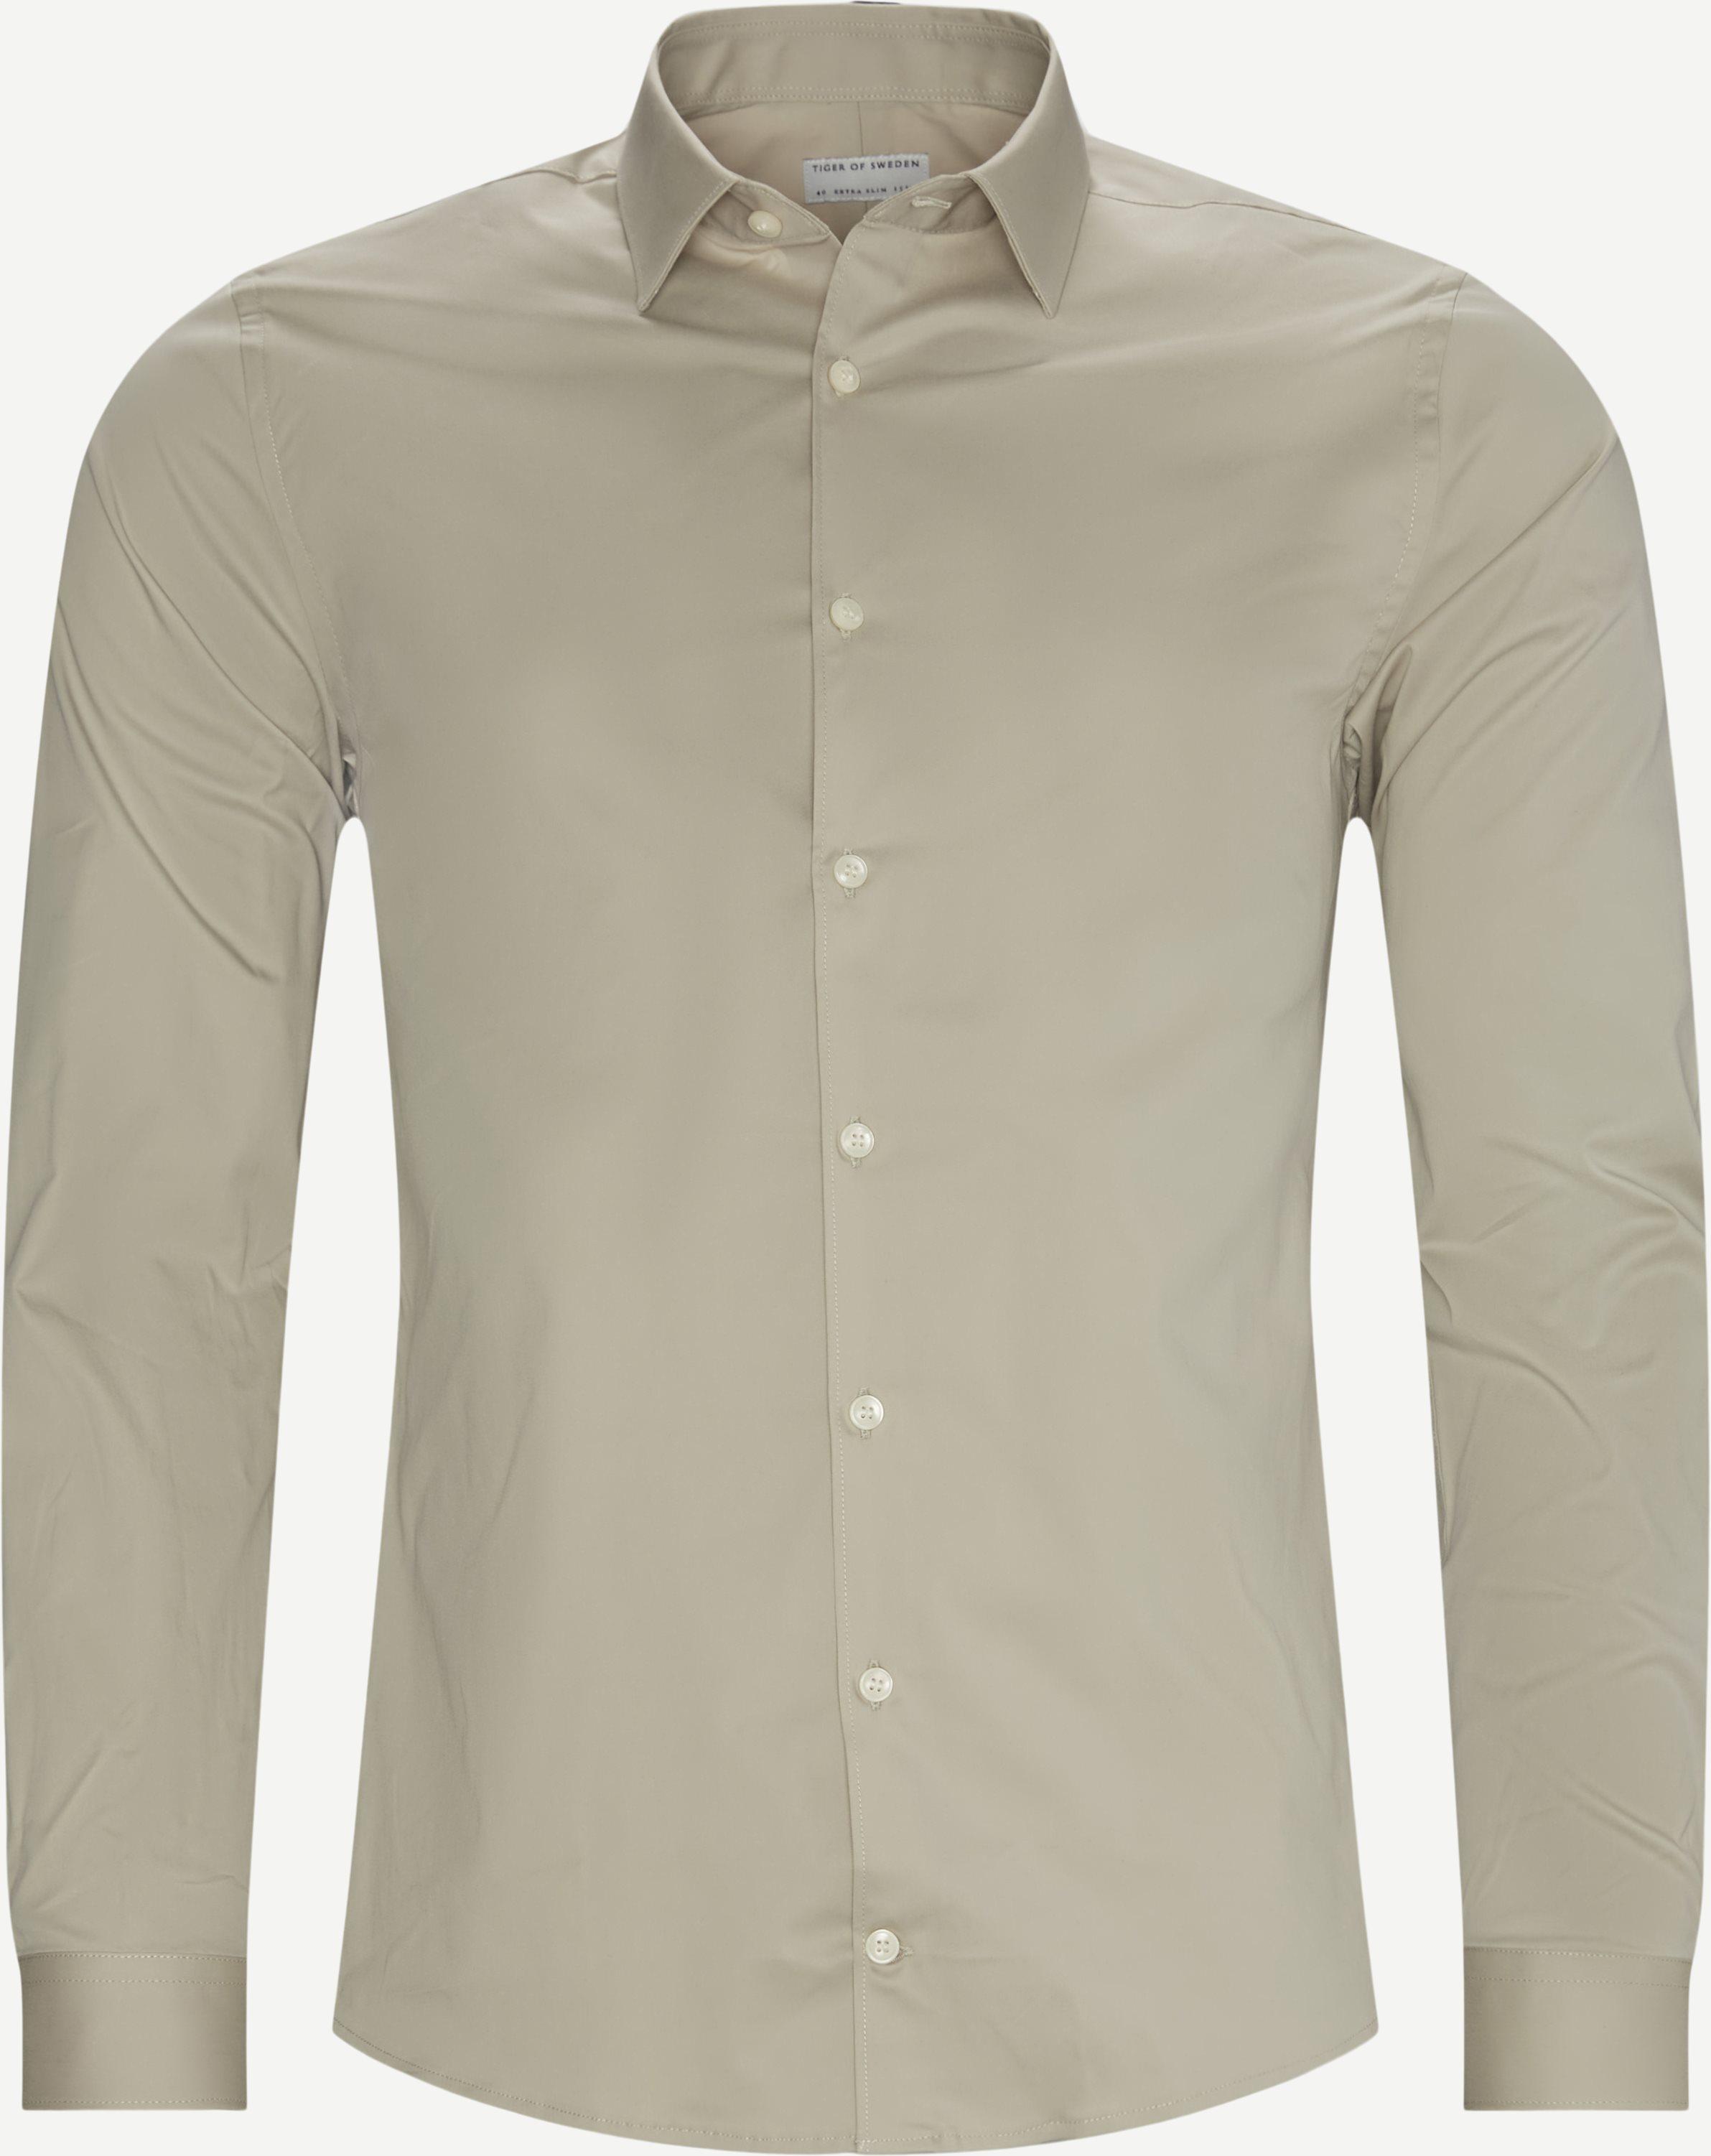 Filbrodie Skjorte - Skjorter - Slim fit - Sand